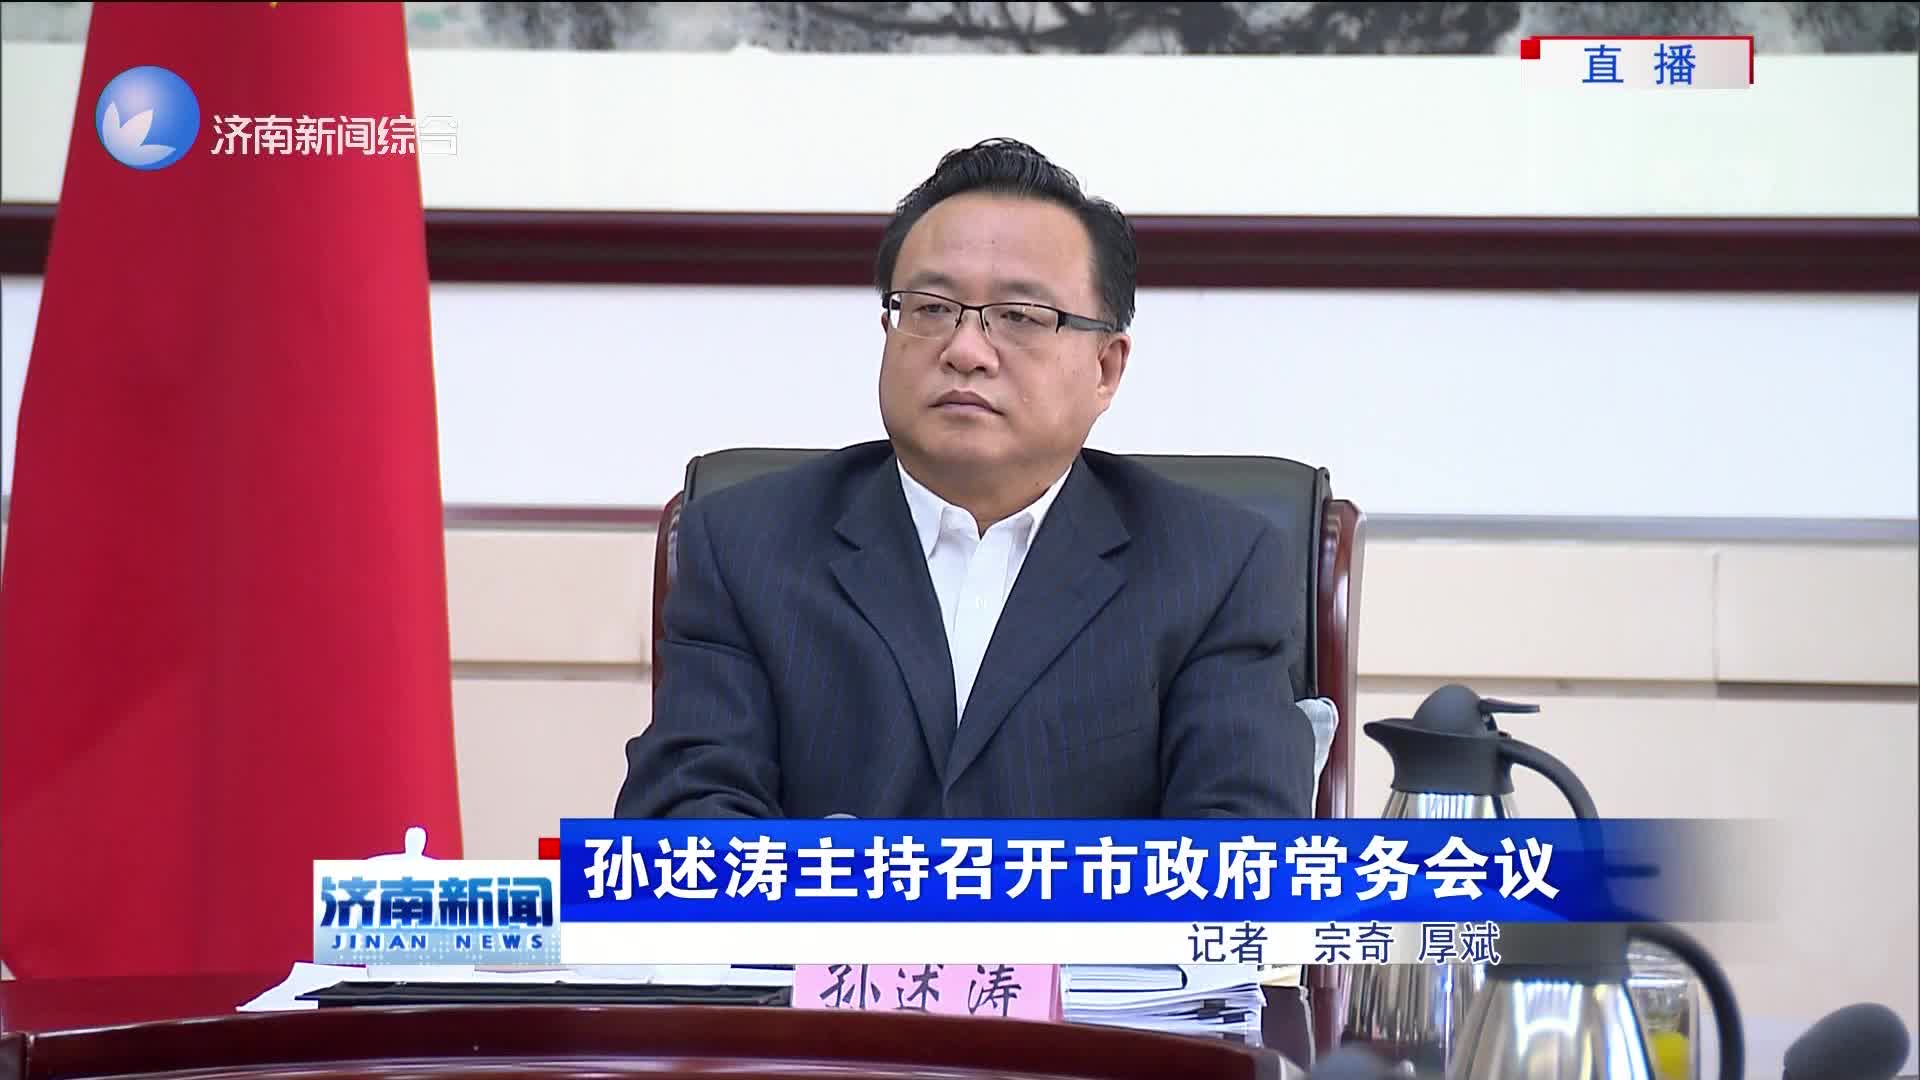 孙述涛主持召开市政府常务会议